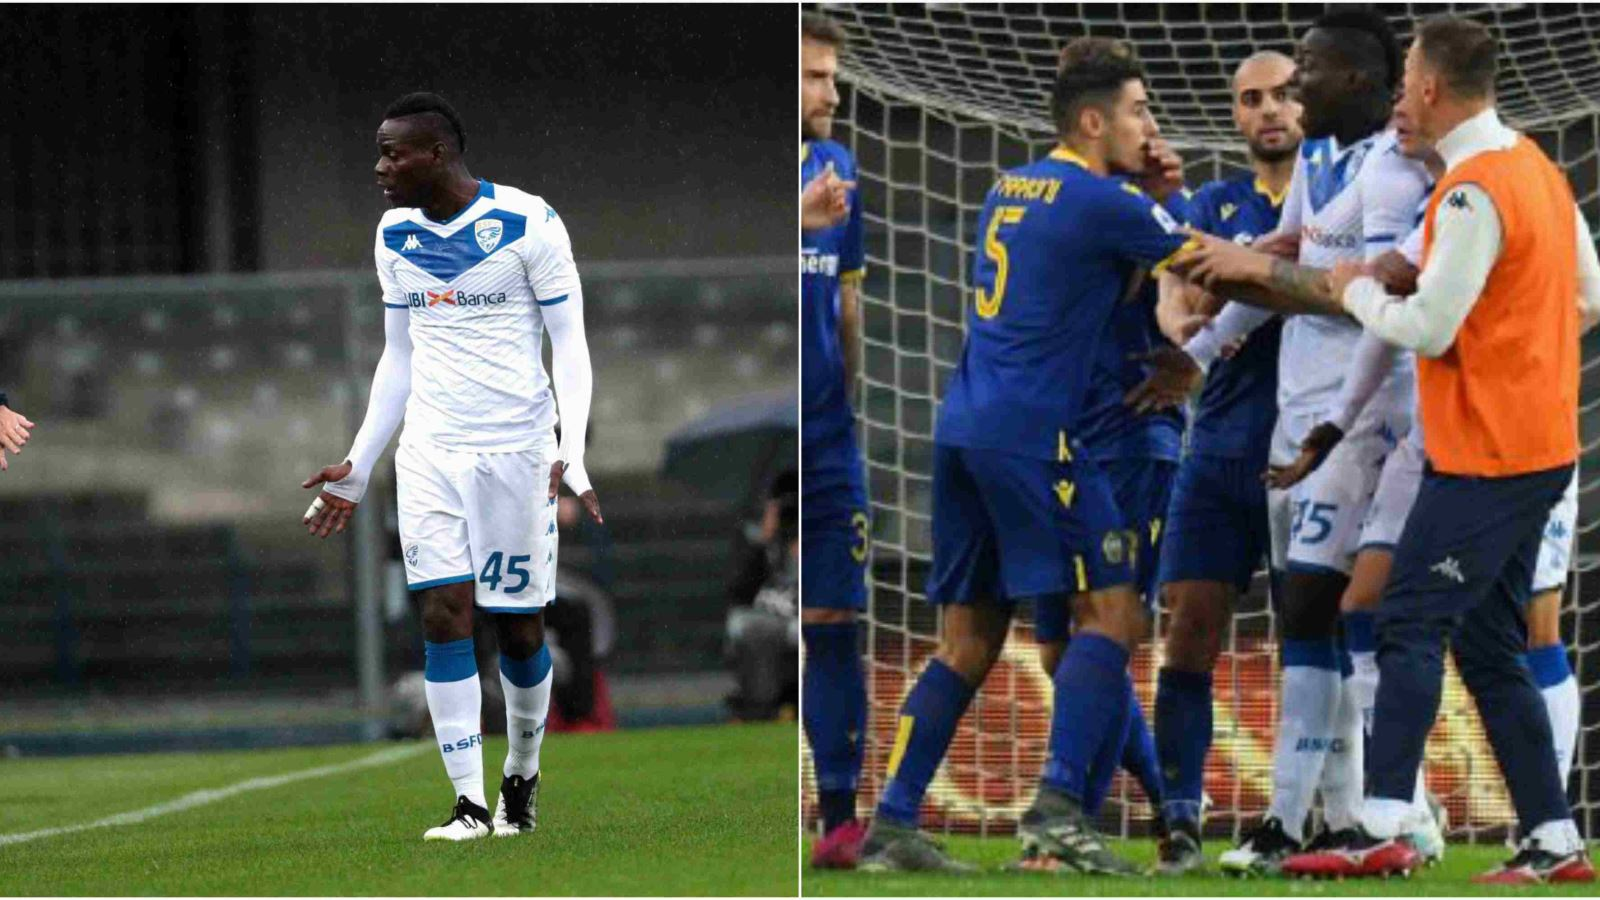 Balotelli lập 'siêu phẩm', sút bóng lên khán đài, đòi bỏ trận đấu vì bị phân biệt chủng tộc